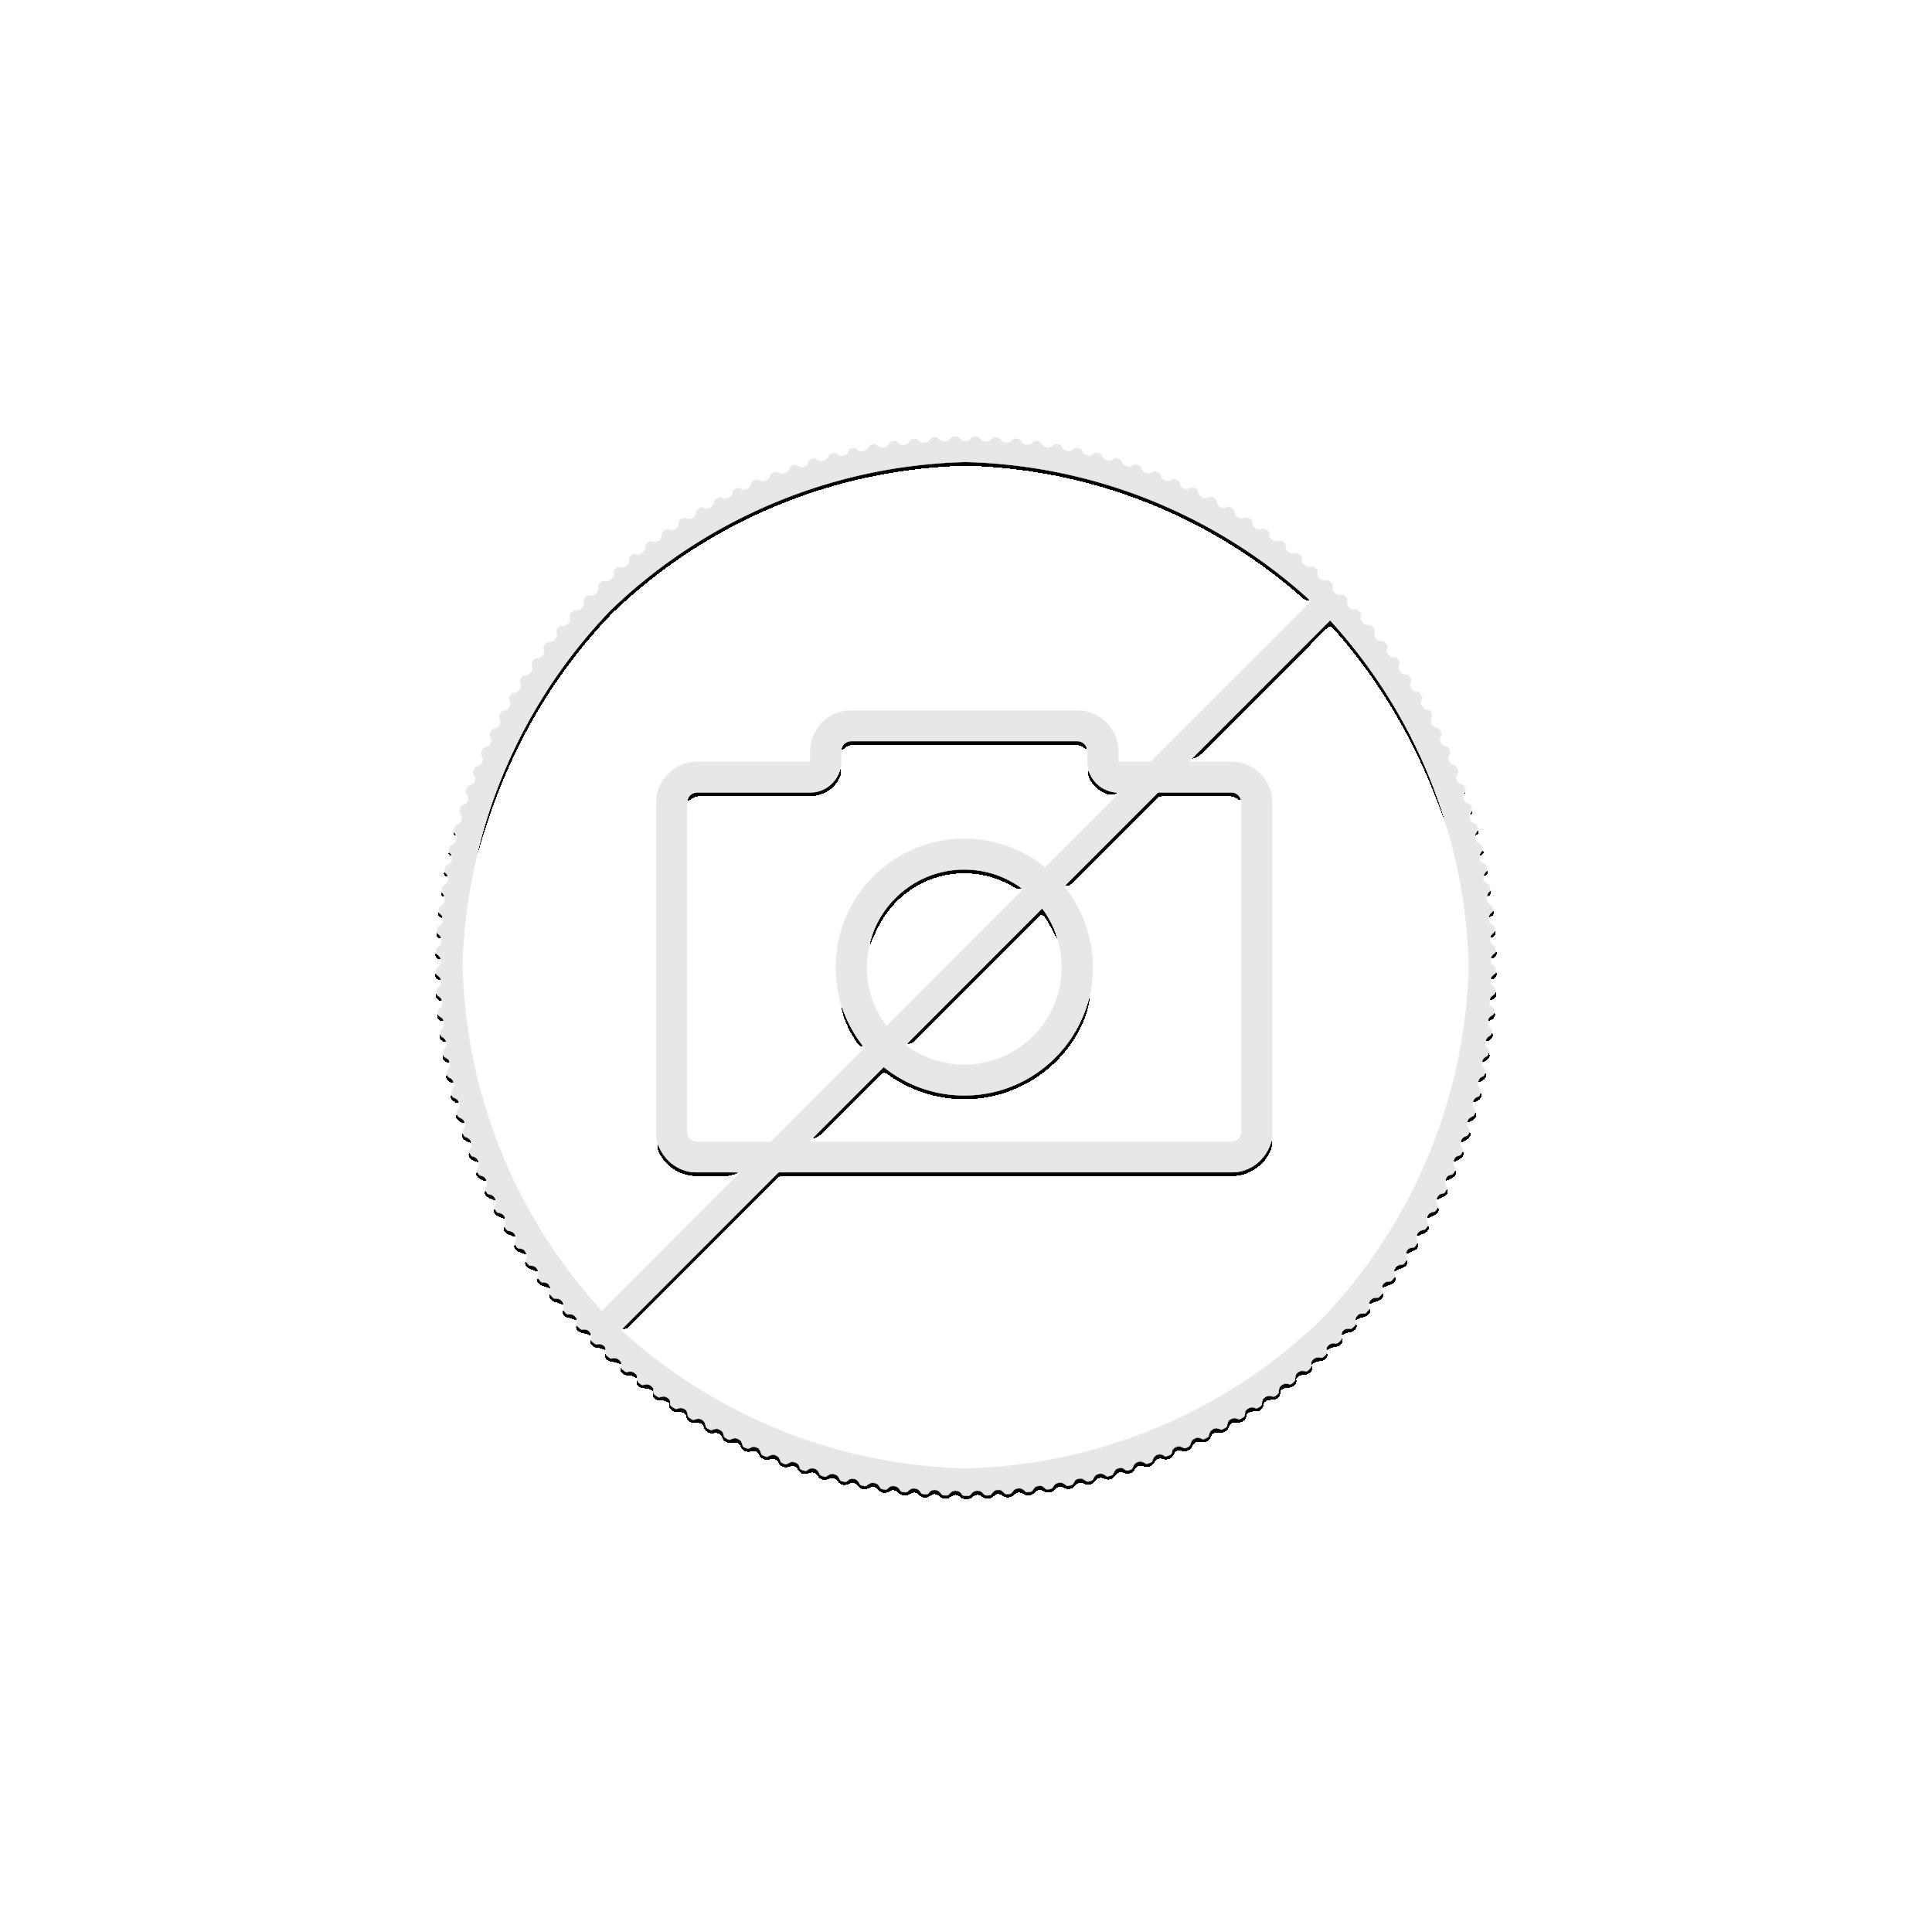 1 Kilo zilveren munt Kookaburra 2020 achterzijde